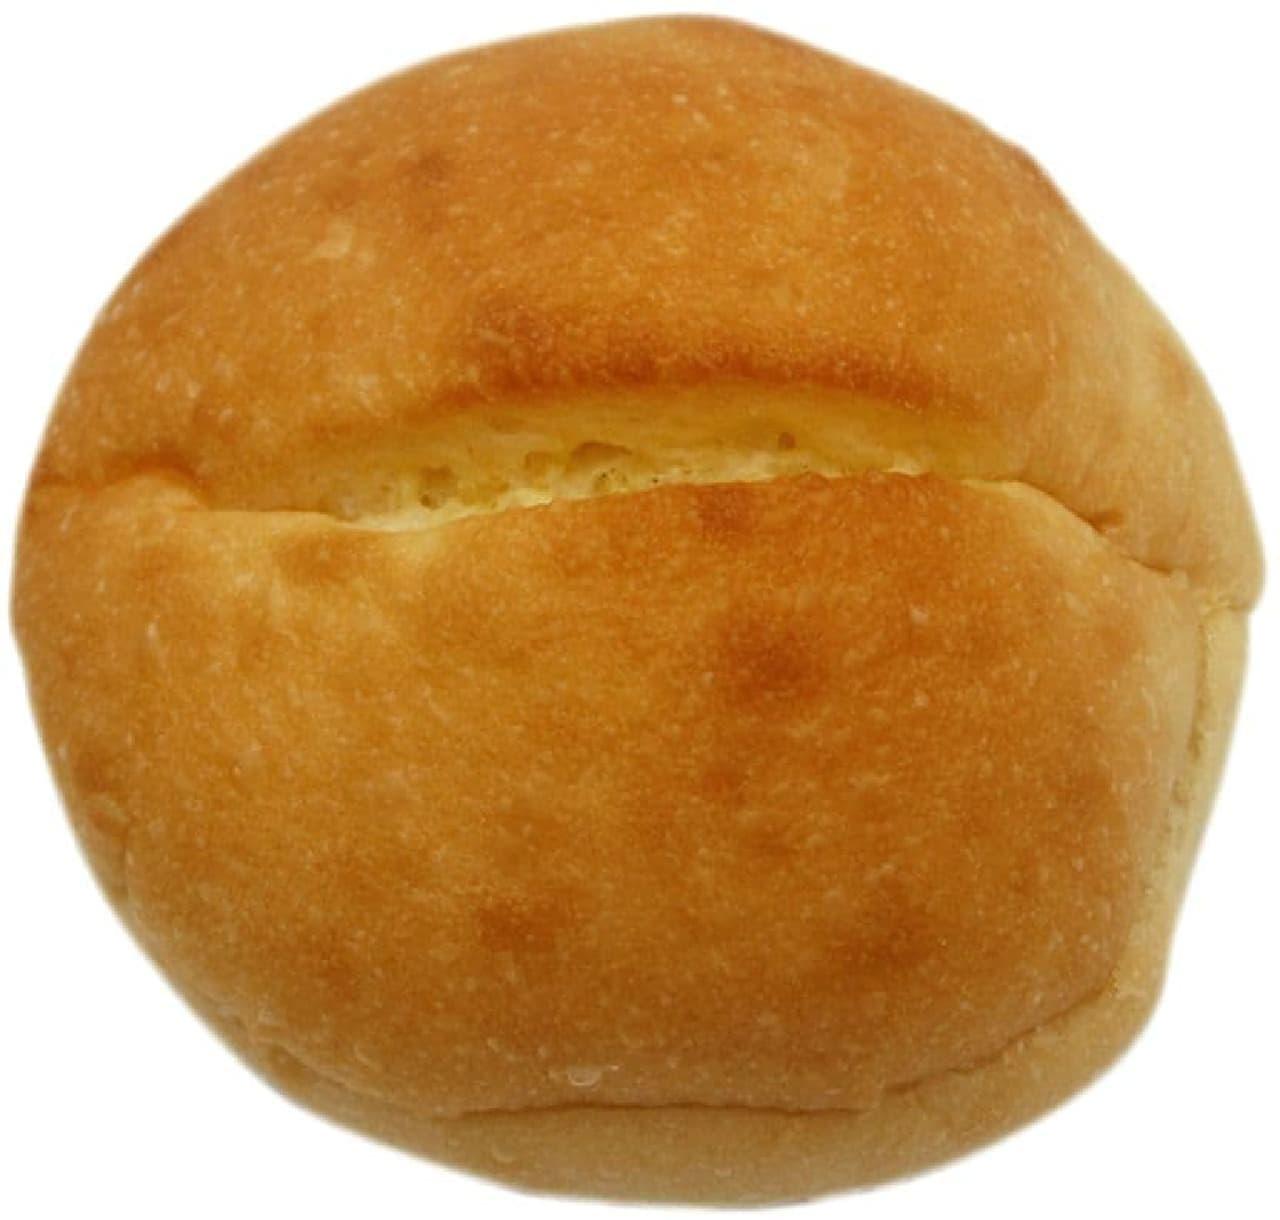 セブン-イレブン「もっちりりんごバター」